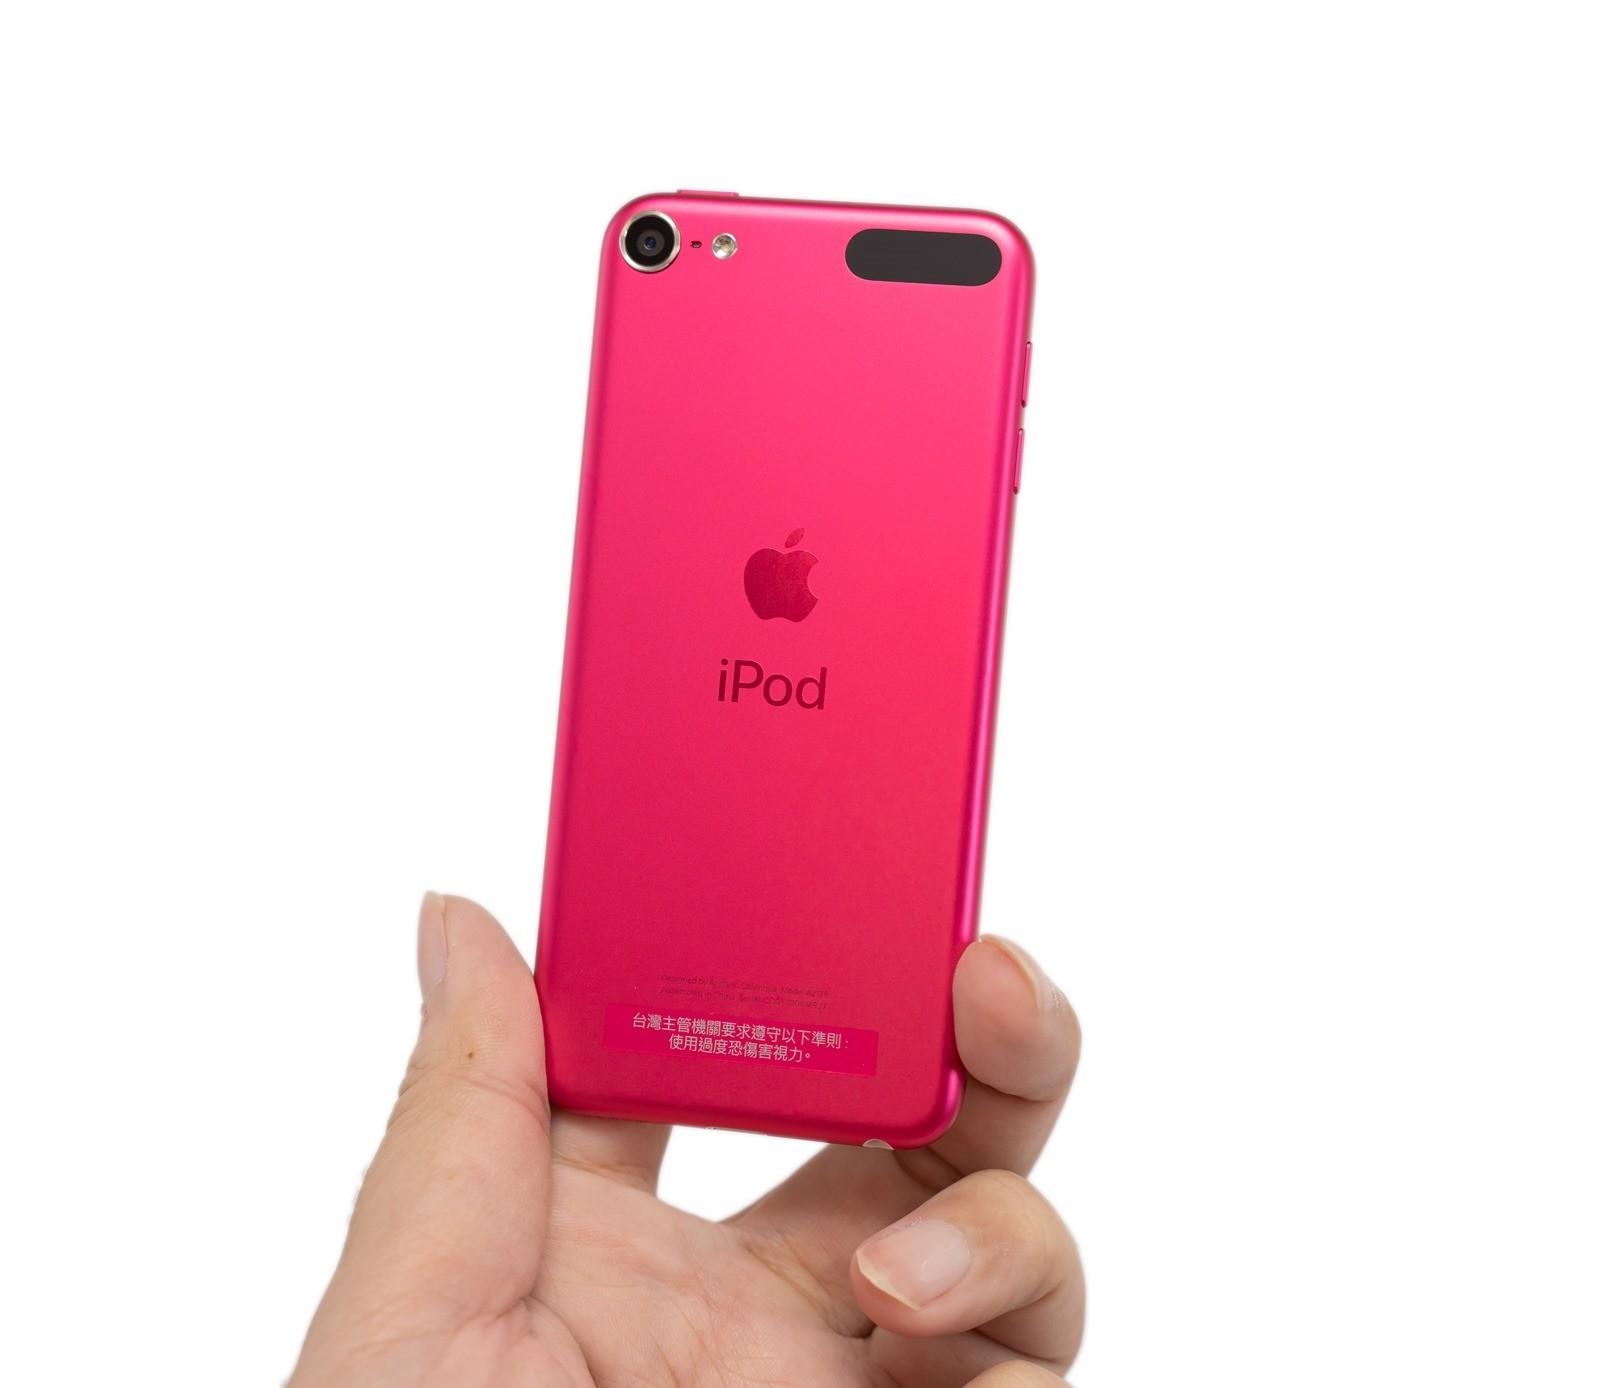 (開箱)七千有找蘋果新機!Apple iPod Touch 第七代台灣開箱分享,值不值得買? @3C 達人廖阿輝